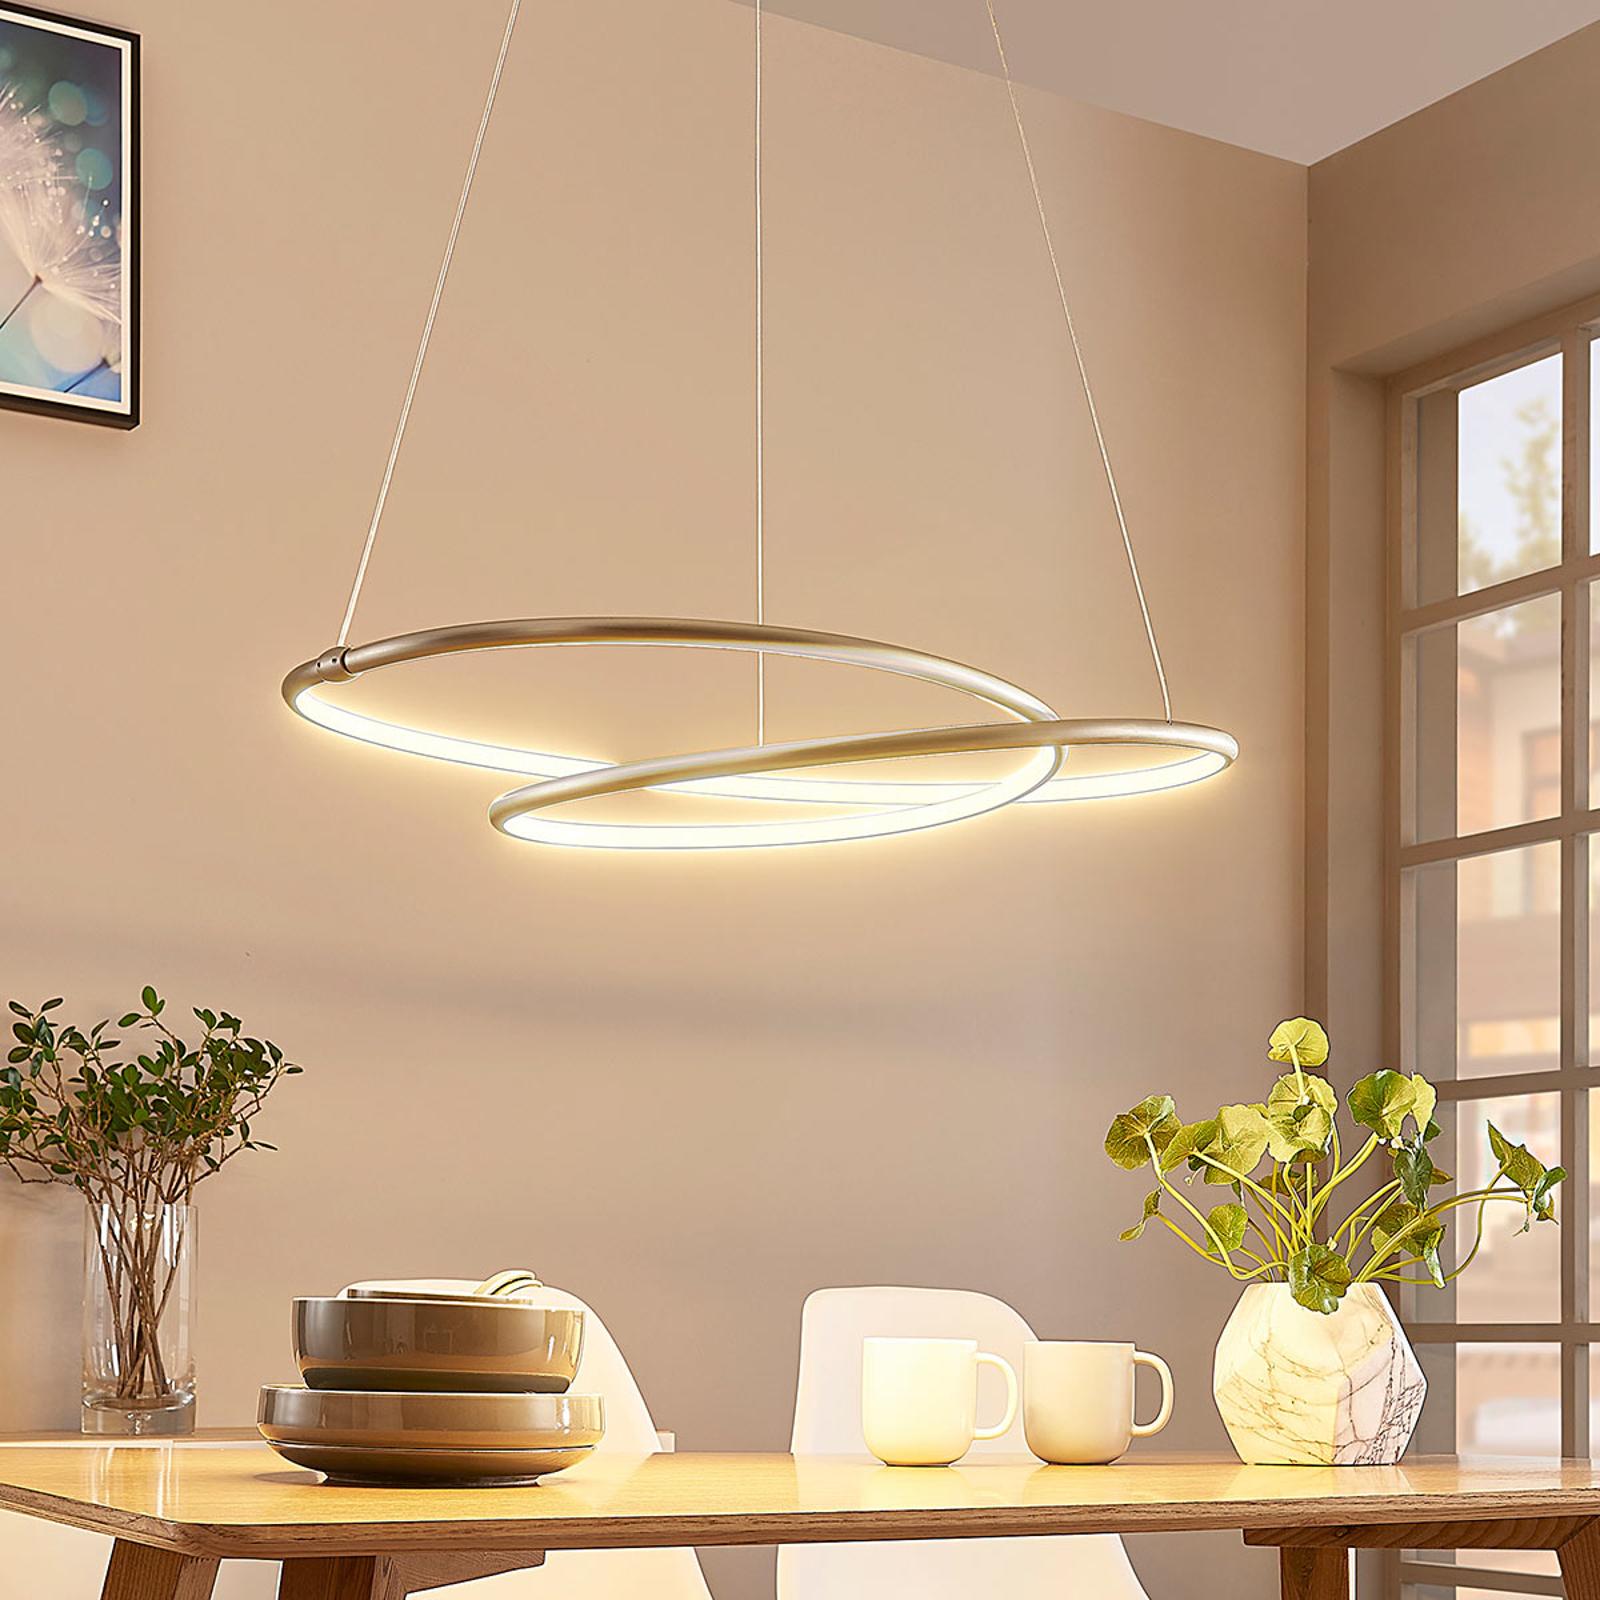 LED-Pendellampe Mirasu, spiralförmig, nickel